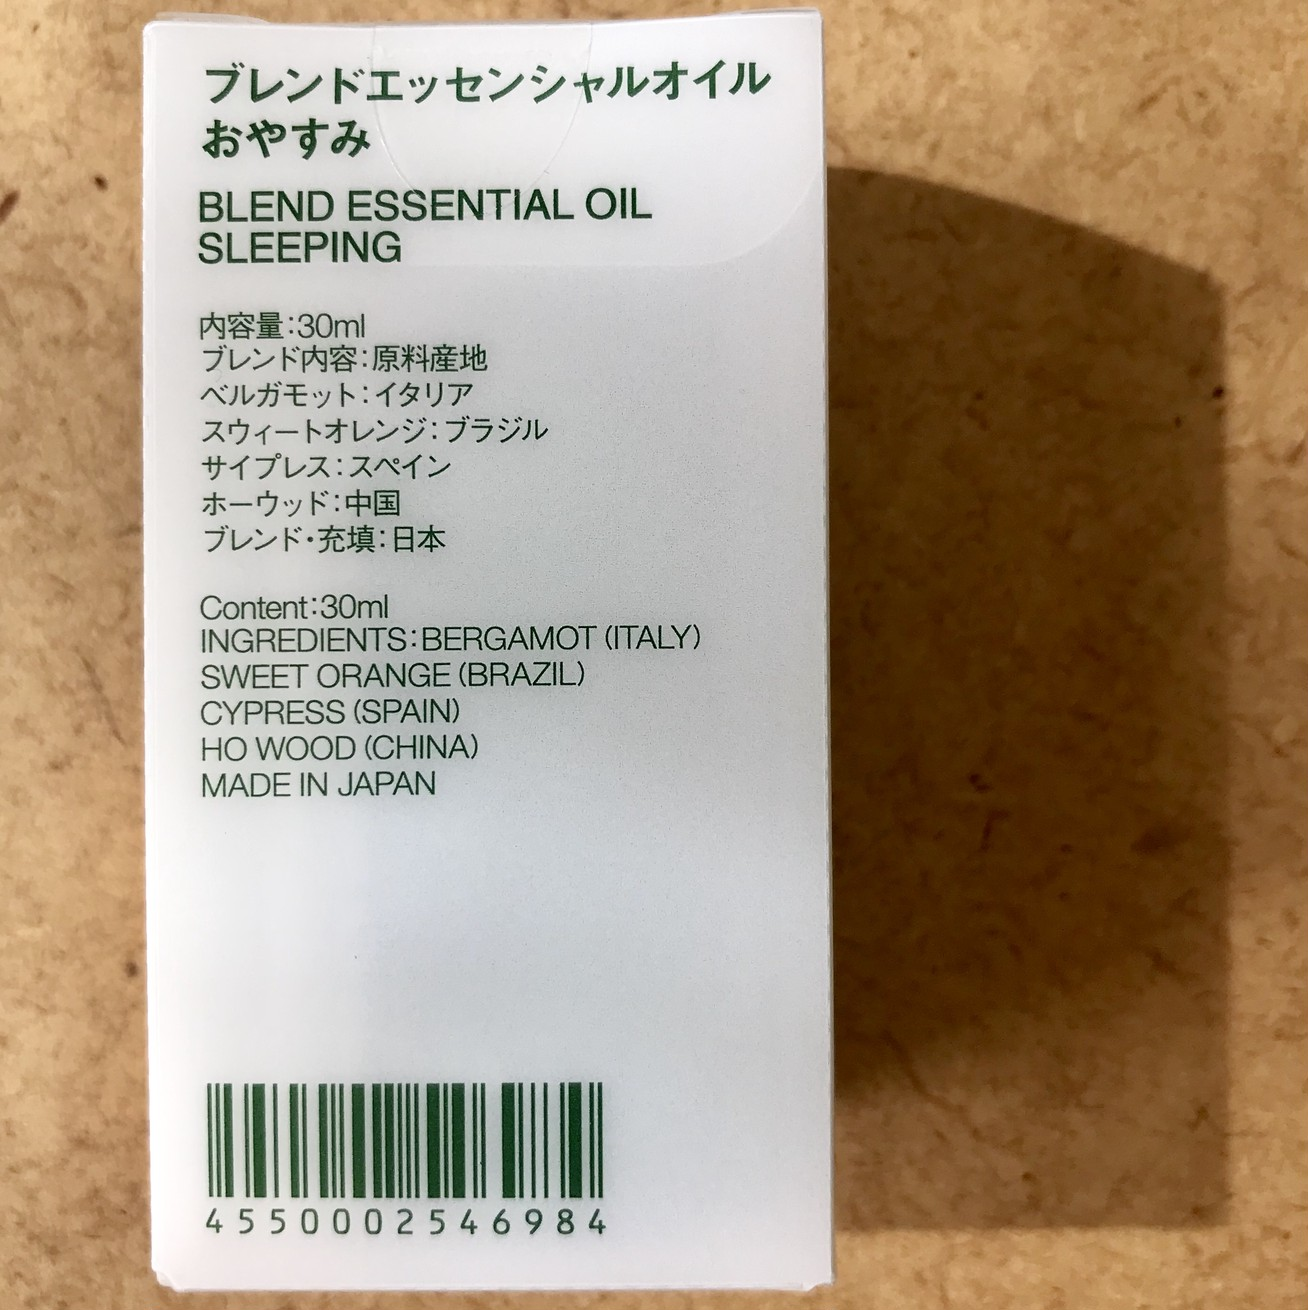 Twitterで大人気【無印良品】「おやすみ」アロマ(エッセンシャル)オイルの精油成分